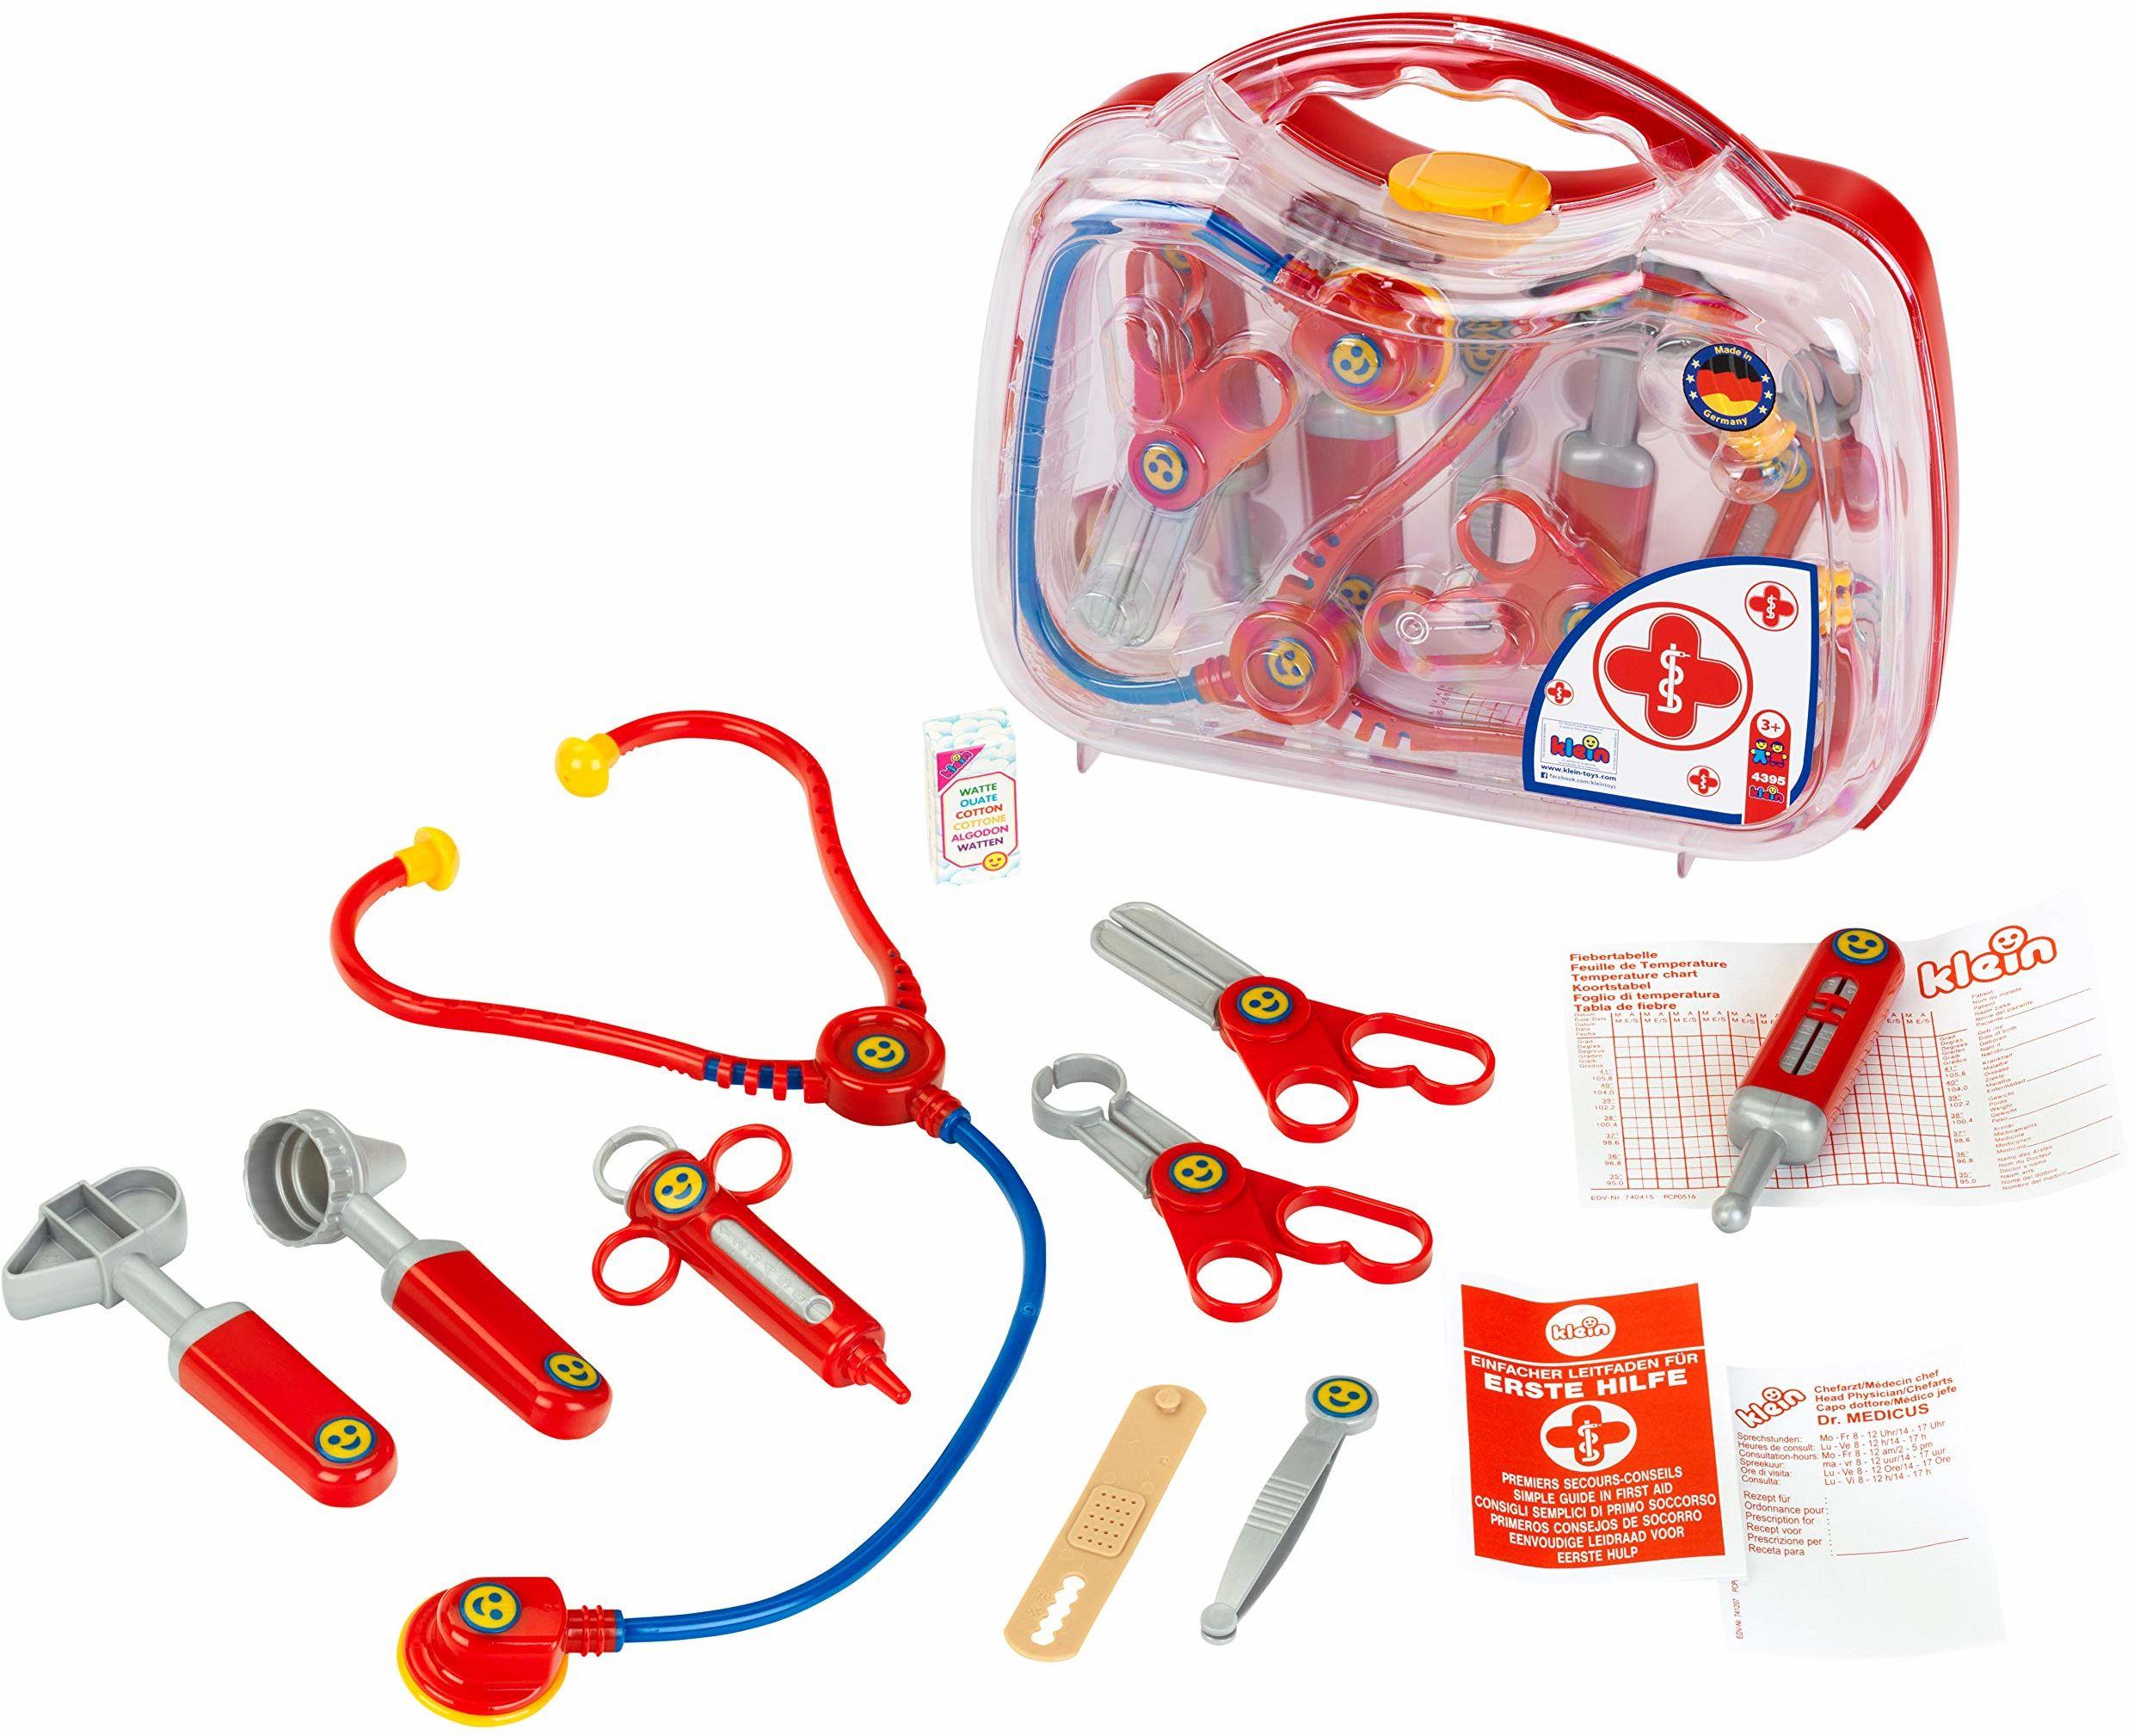 Theo Klein 4395 Rescue Team Max & Dr. Kim Doctor etui przezroczyste, zabawka, wielokolorowe